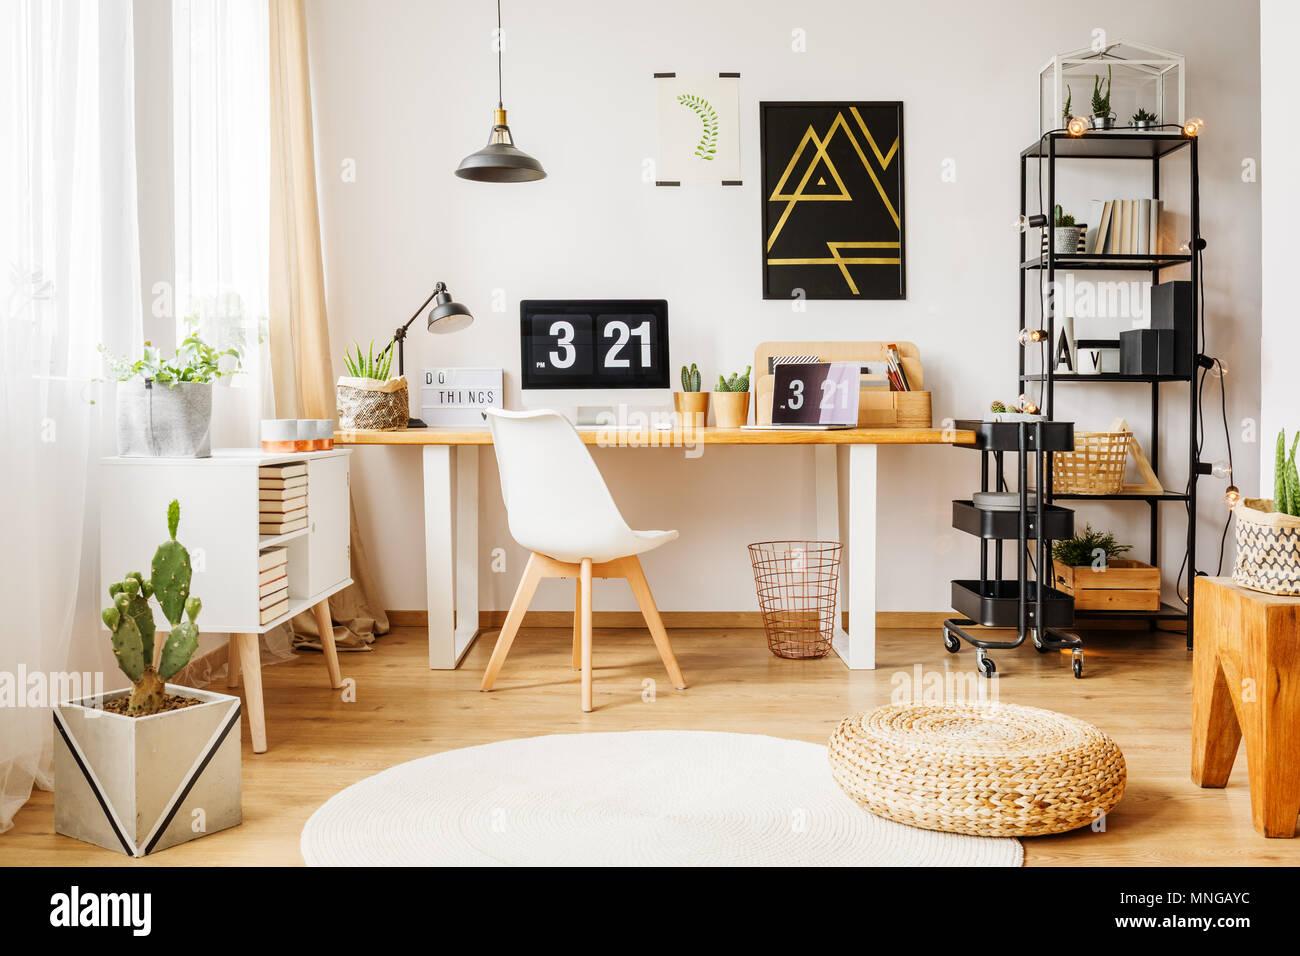 Chambre scandinaves en loft contemporain avec poster minimaliste sur ...